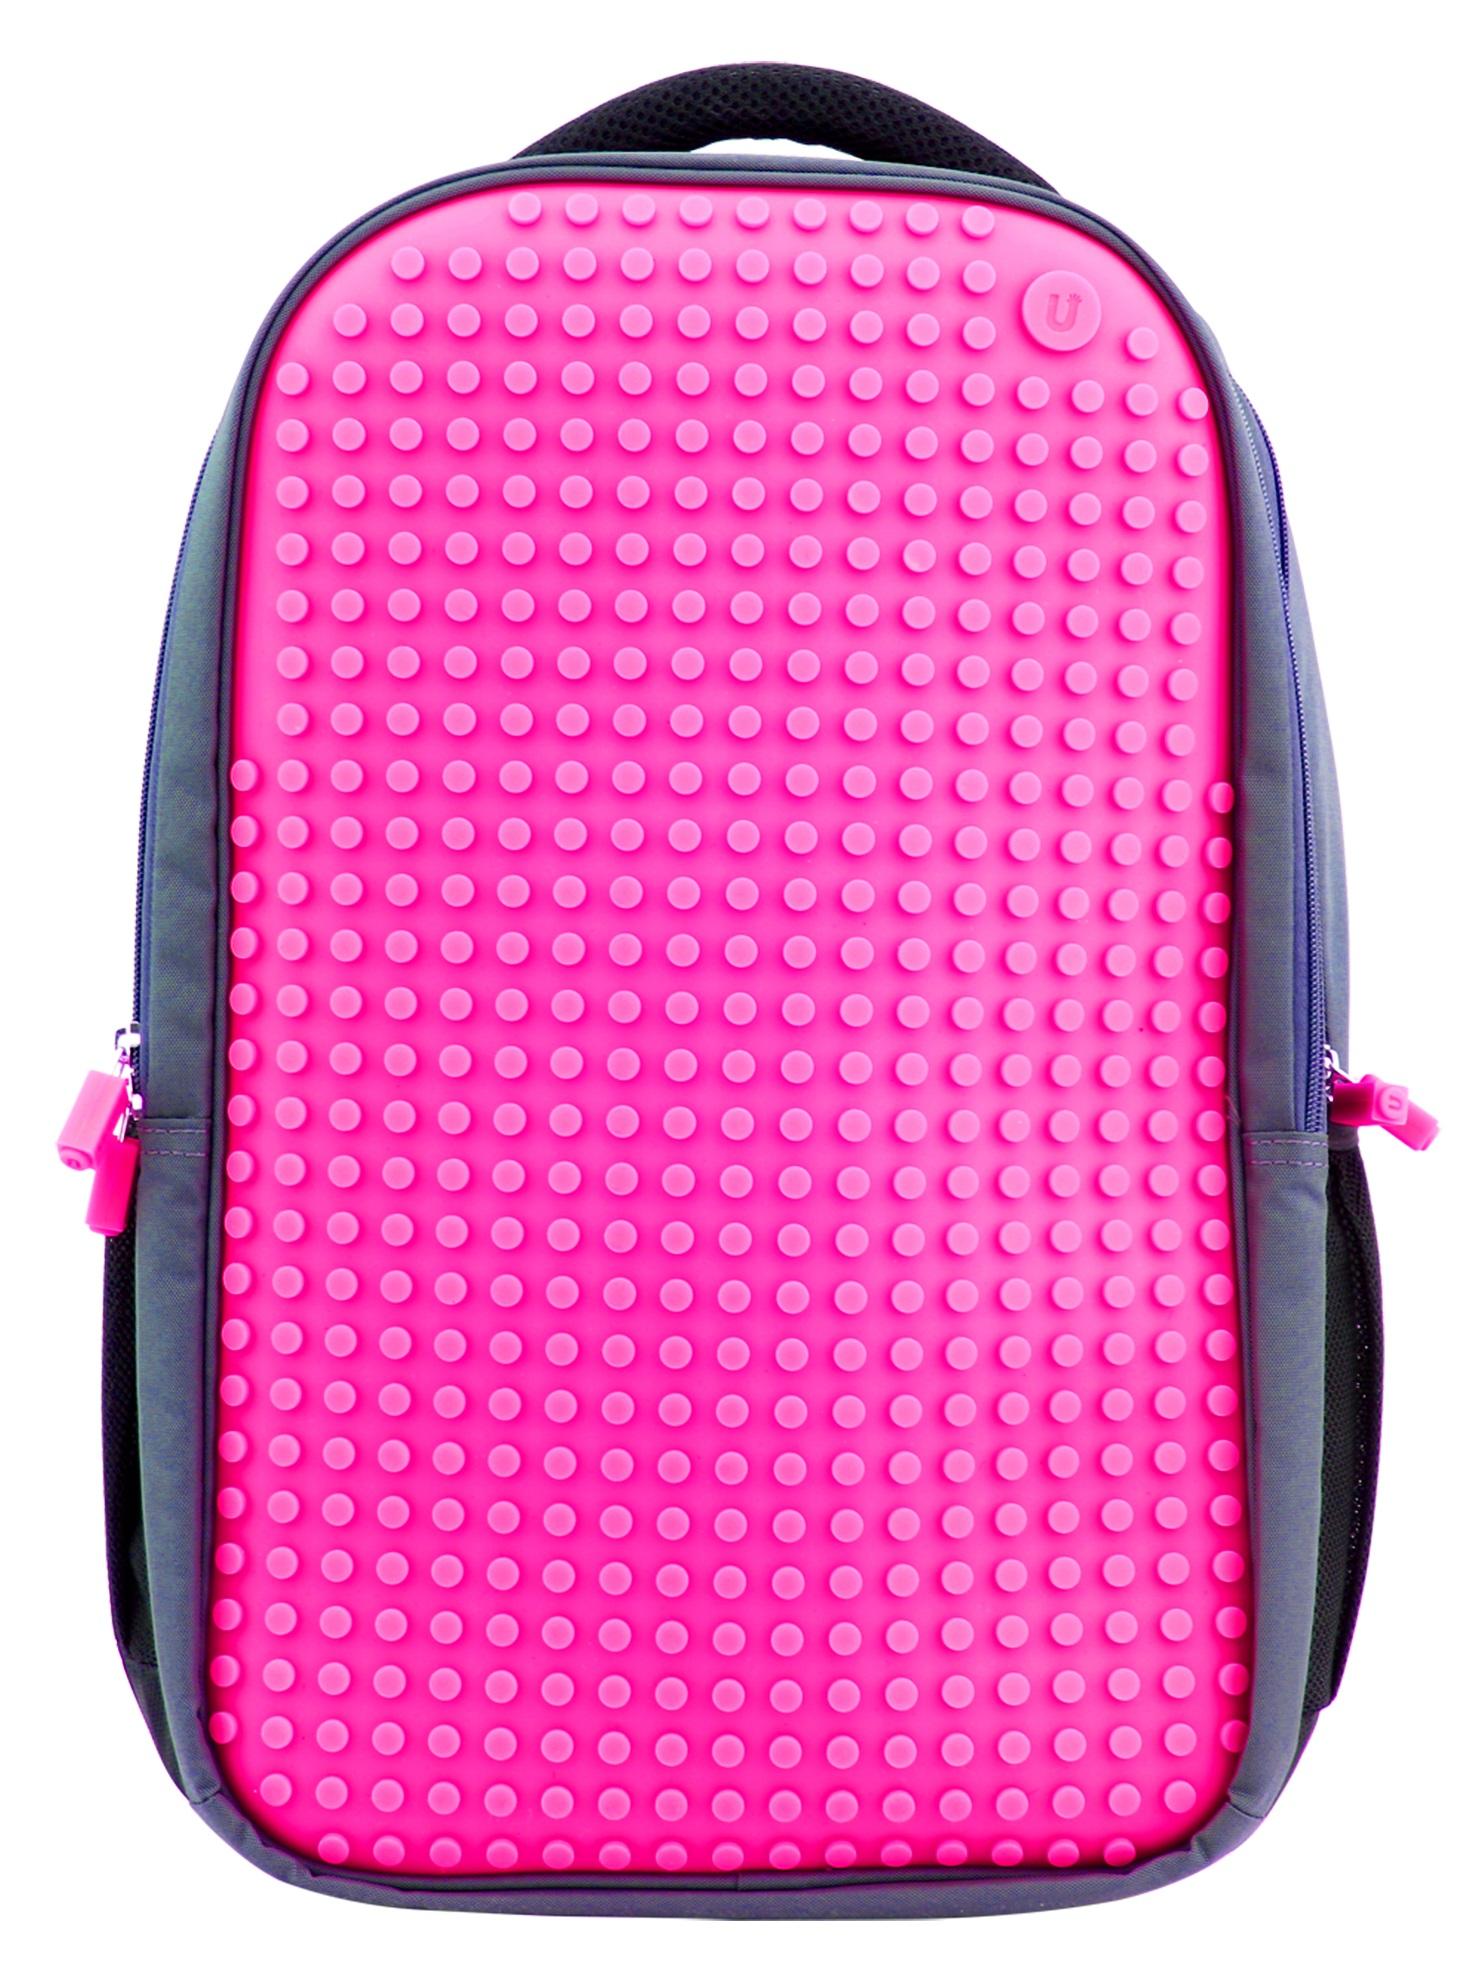 Пиксельный рюкзак для ноутбука (Full Screen Biz Backpack/Laptop bag) WY-A009 (Фуксия)Представляем вашему вниманию пиксельный рюкзак для ноутбука (Full Screen Biz Backpack/Laptop bag) WY-A009, имеющий силиконовую панель, на которой с помощью «пикселей» в виде мозаики выкладывается абсолютно любой рисунок.<br>